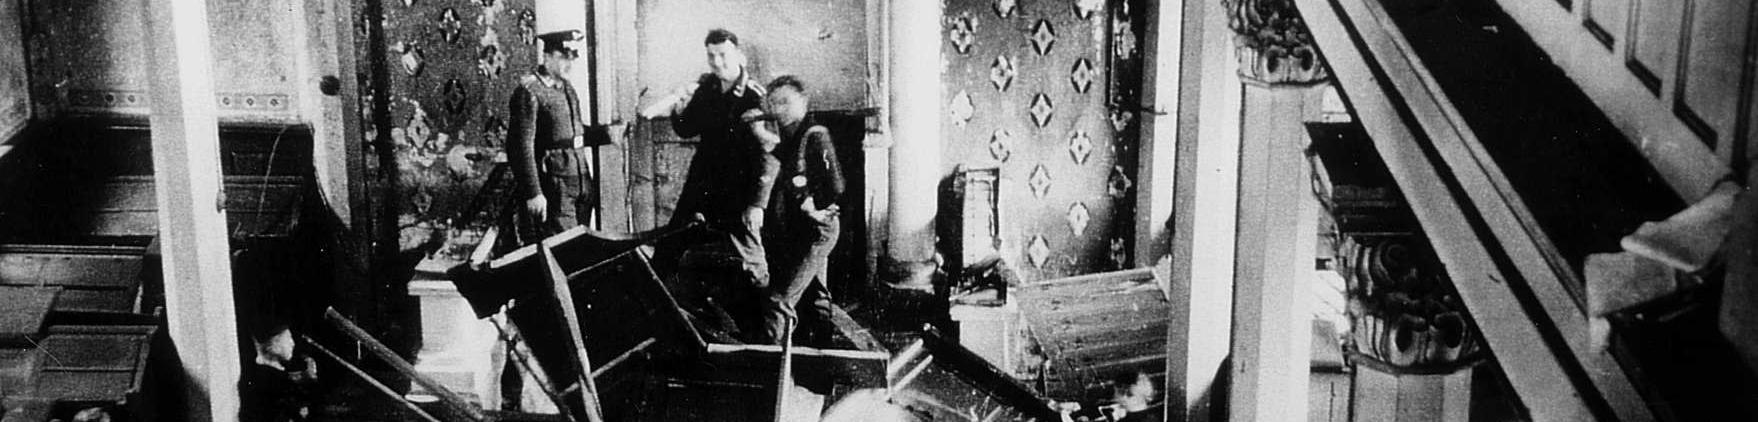 Kippenheim_1938_Vortrag Alter und Neuer Antisemitismus